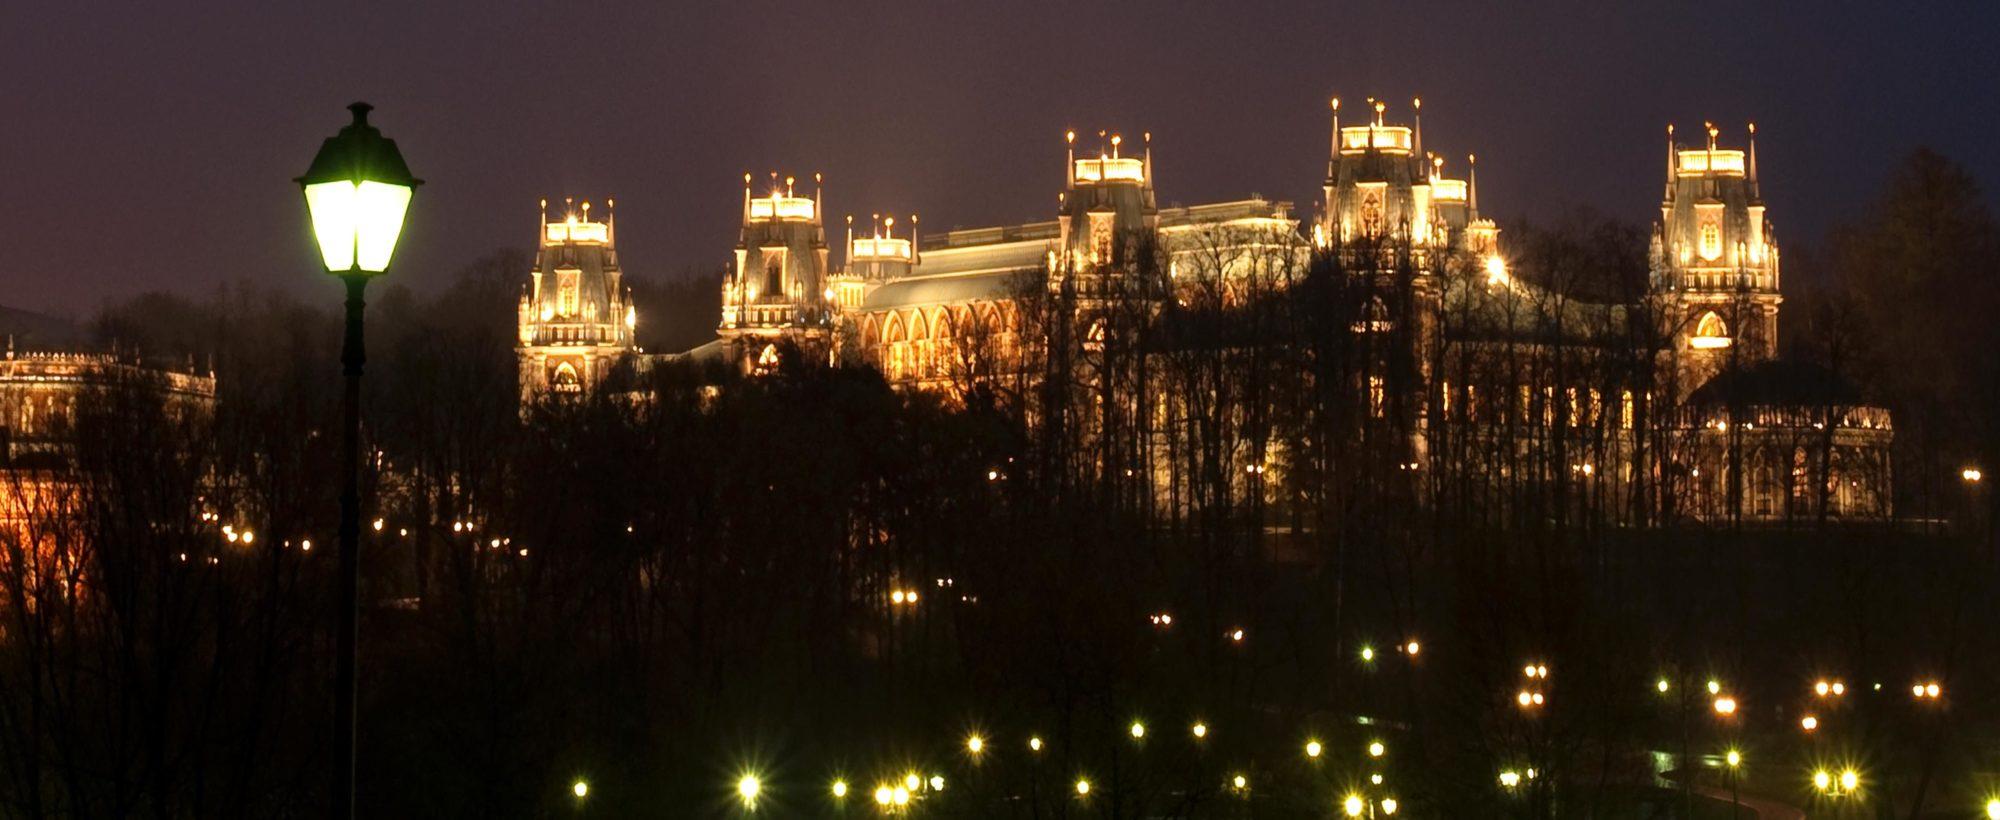 Акция «Ночь искусств» в музее-заповеднике «Царицыно» – события на сайте «Московские Сезоны»